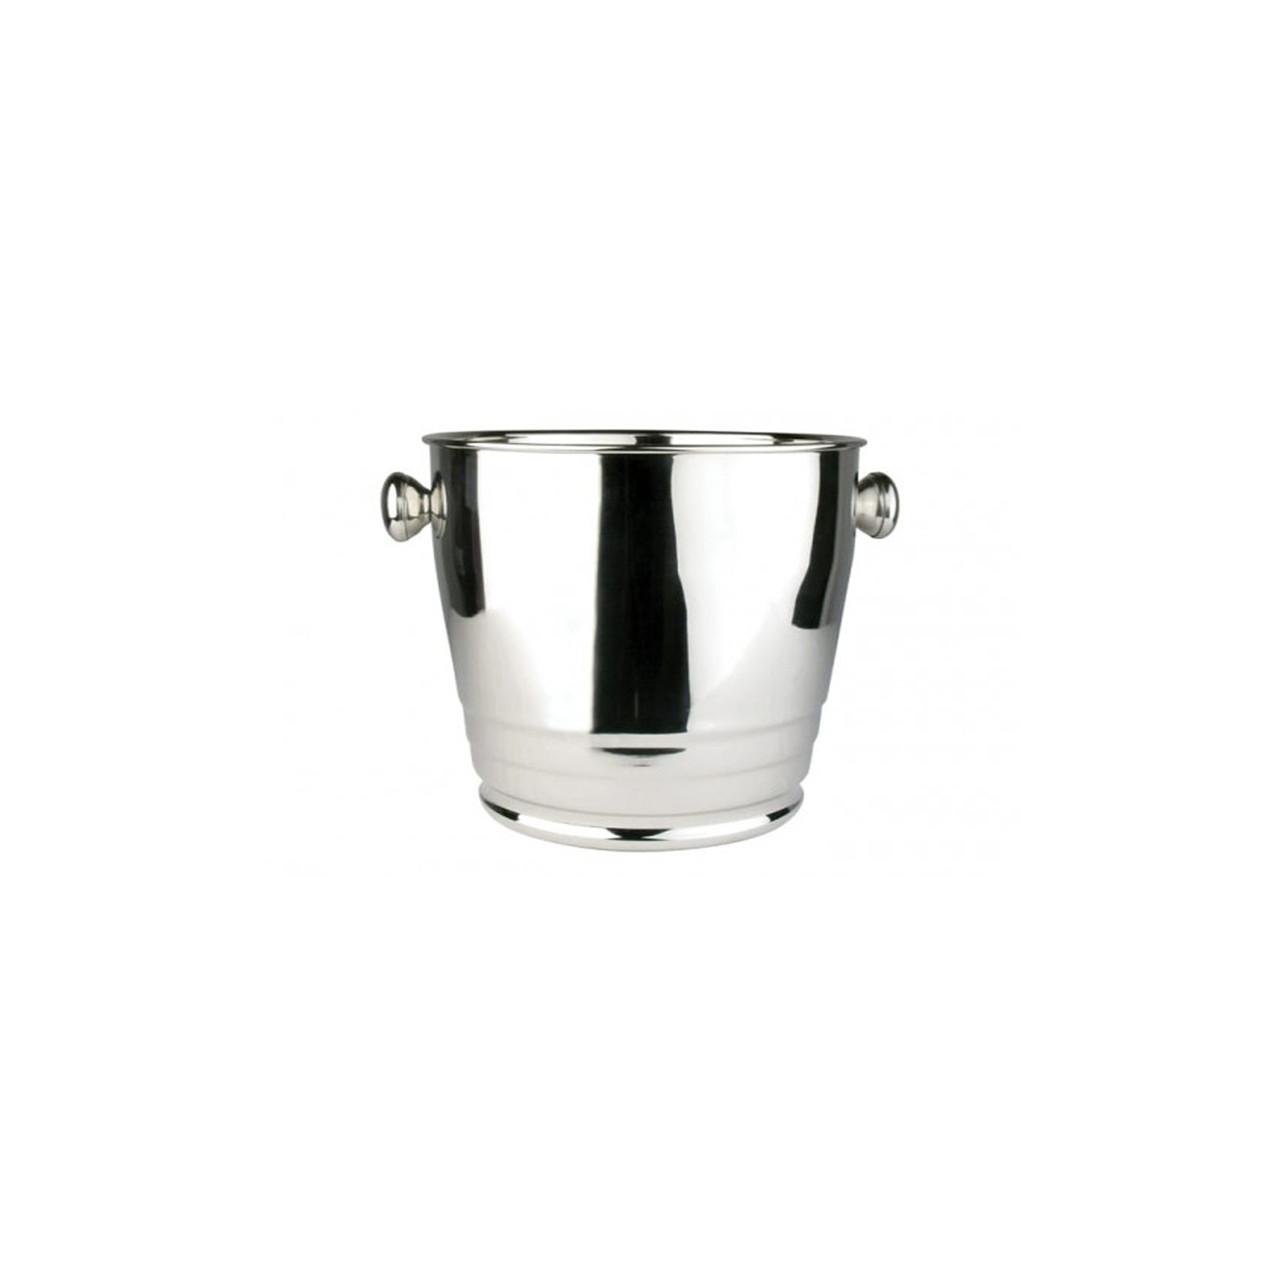 Ведро для шампанского Winco 4 л Серебристый (25035)